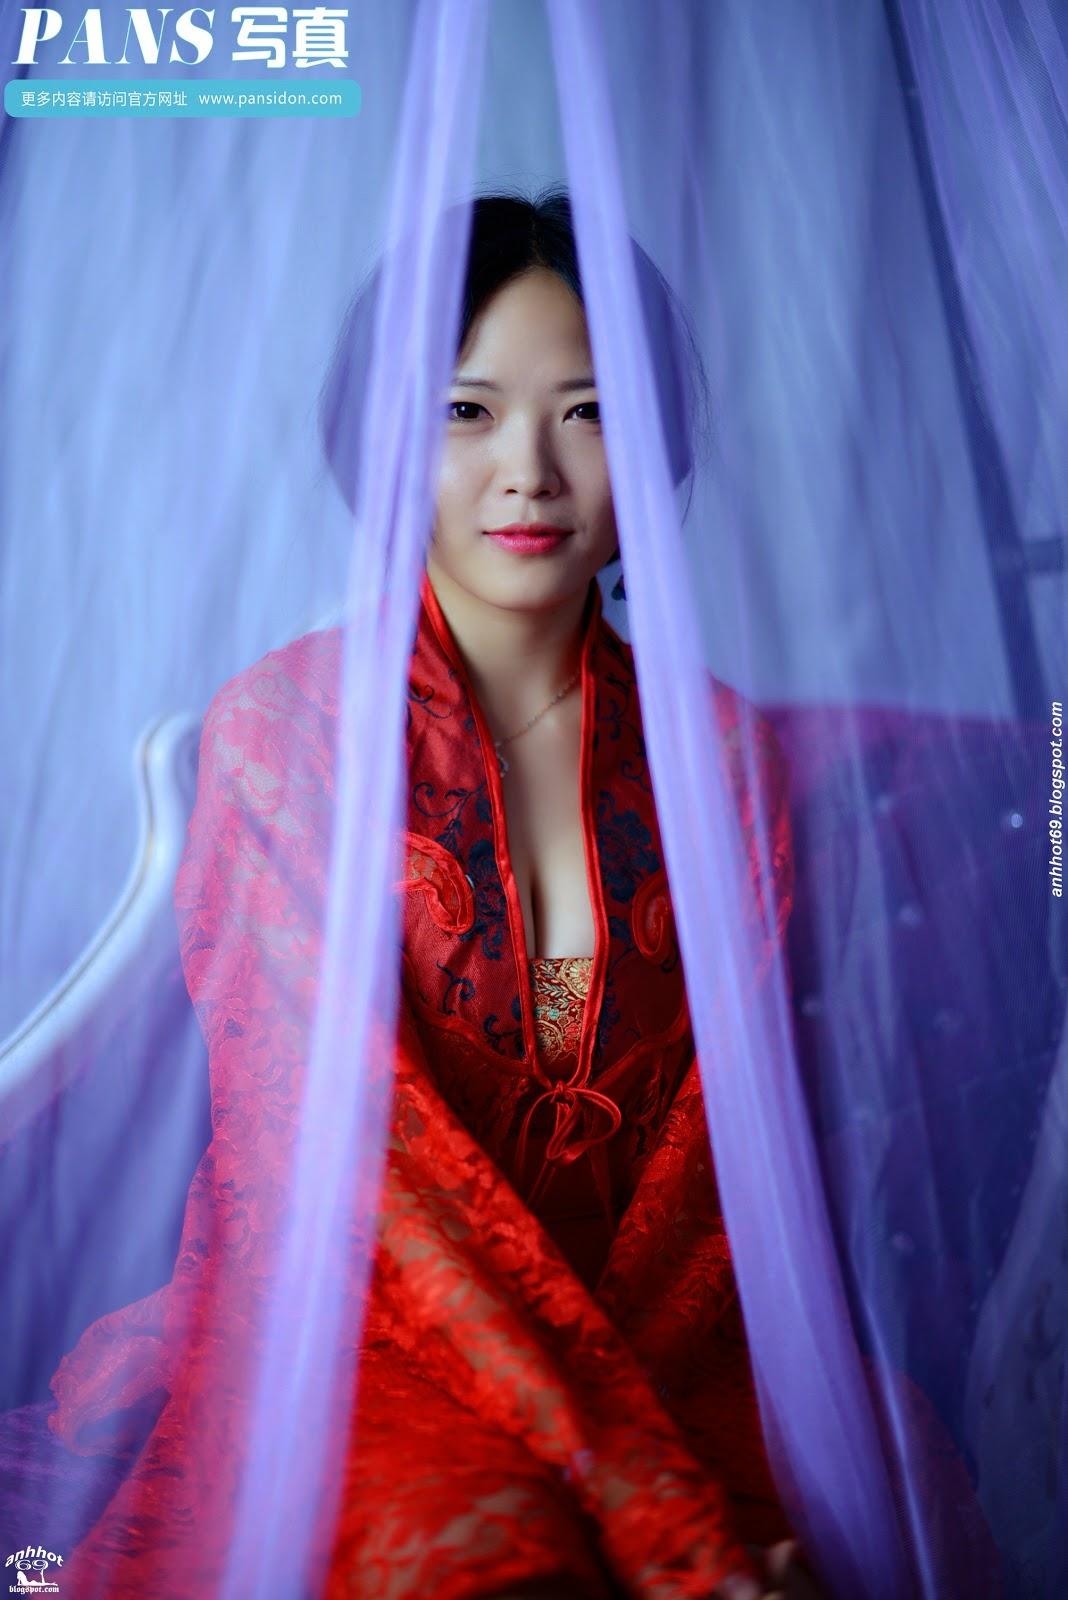 yuhan-pansidon-02851543